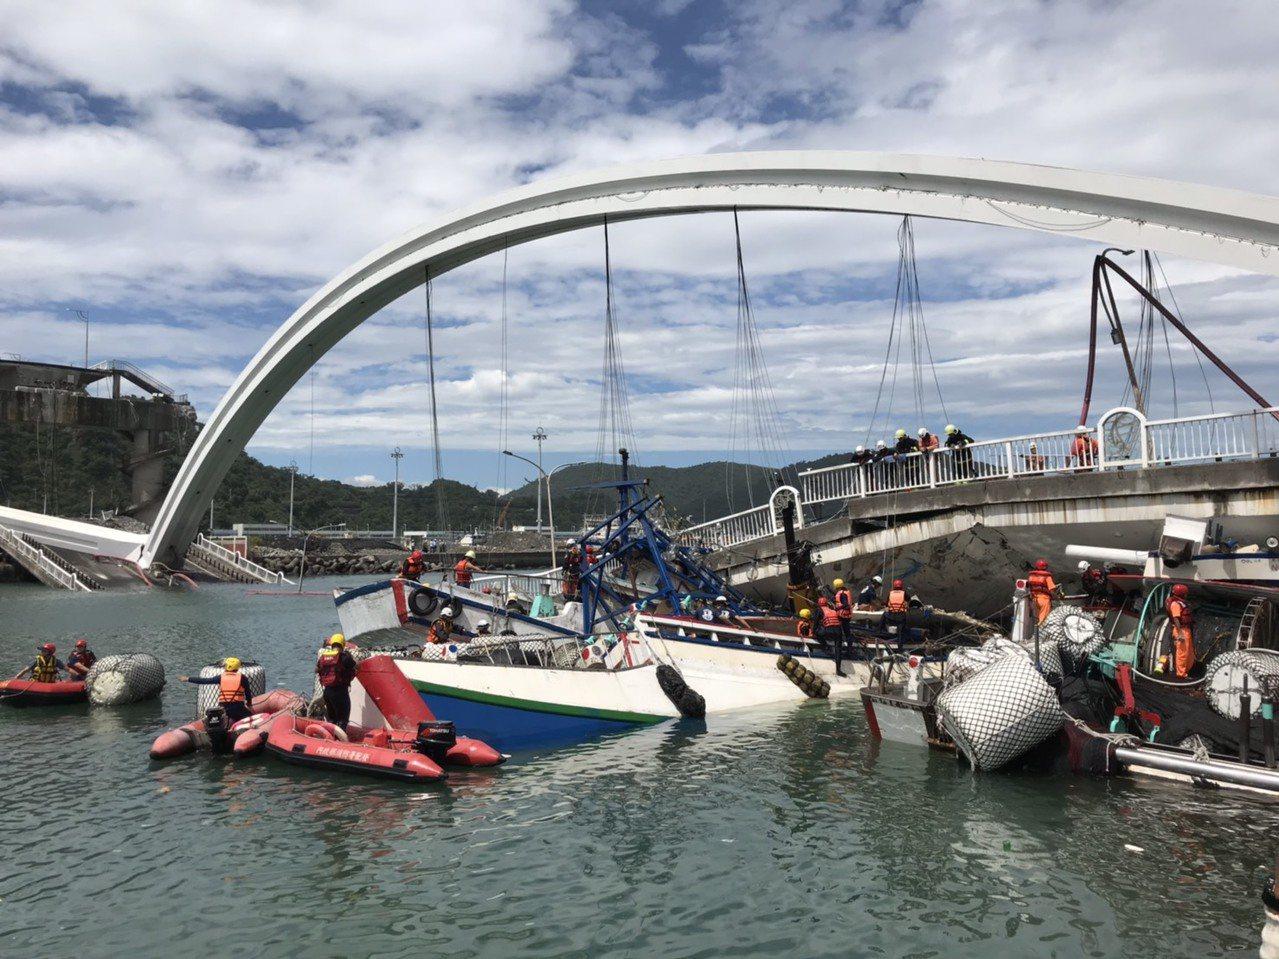 宜蘭南方澳跨港大橋上午發生坍塌,至今超過8小時,共有3艘漁船被斷橋壓住,救援難度...